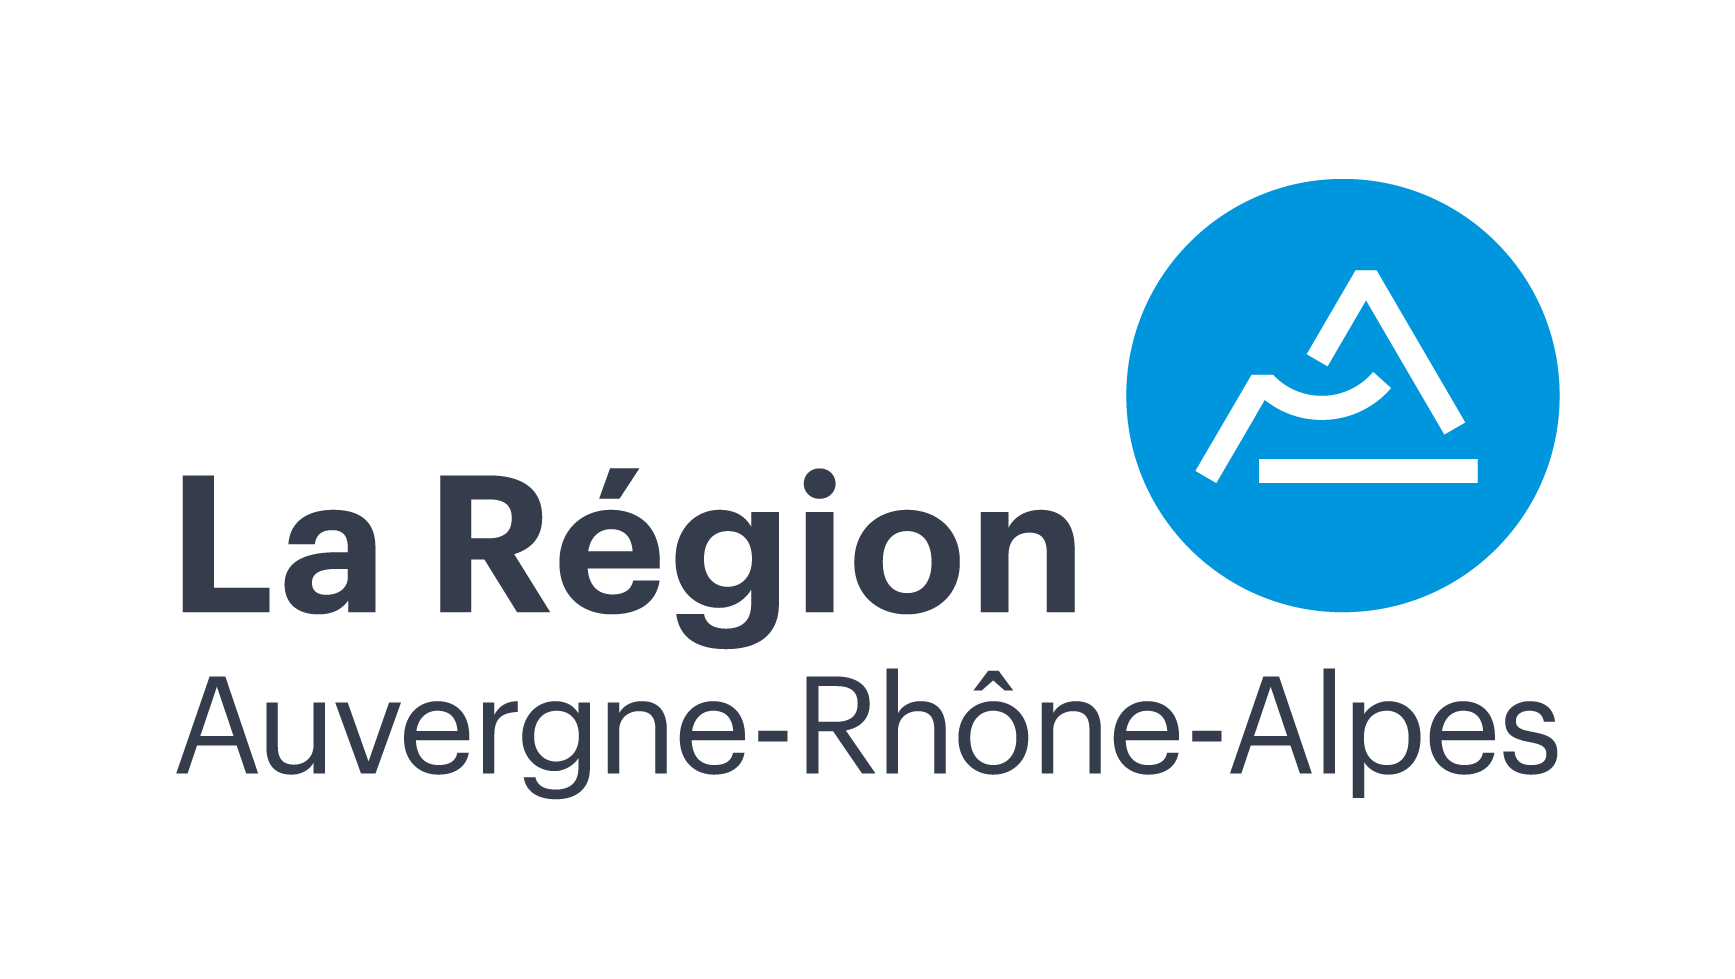 logo-partenaire-region-auvergne-rhone-alpes-rvb-bleu-gris.png